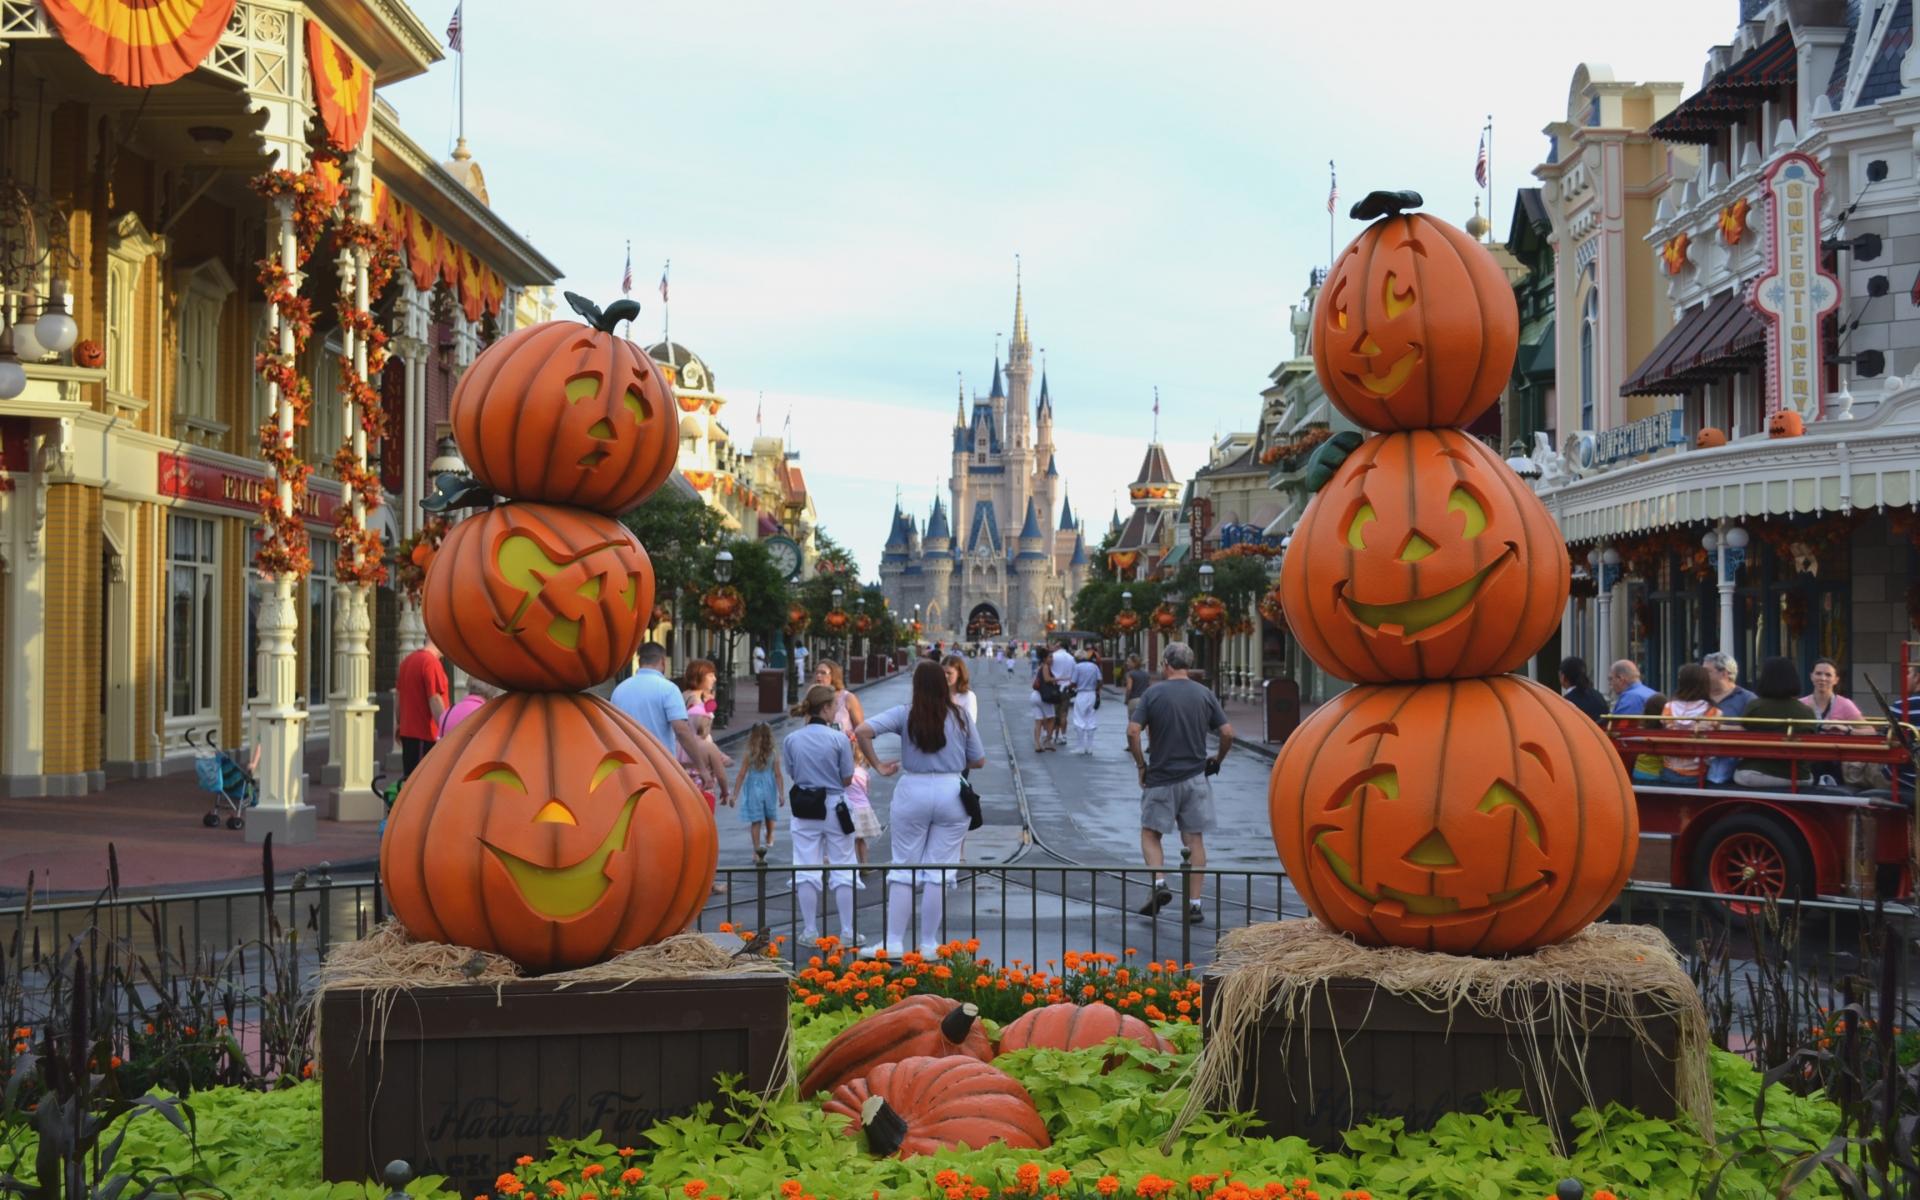 Calles decoradas por halloween - 1920x1200